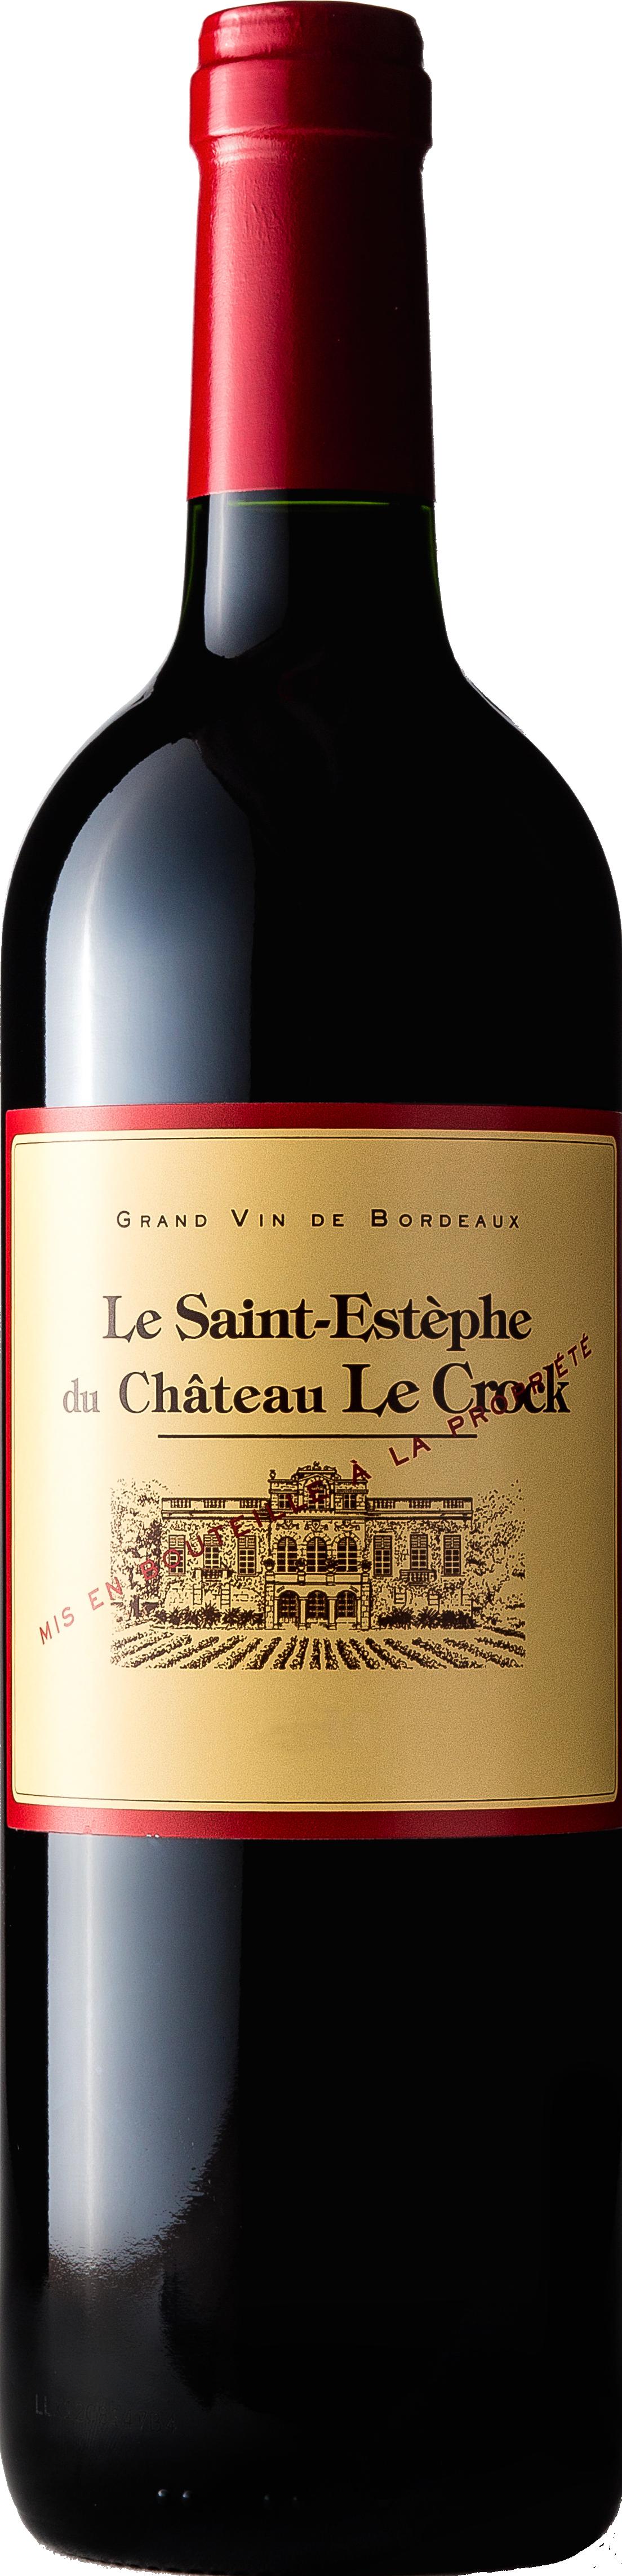 Château Le Crock, Le Saint Estèphe du Château Le Crock 2012